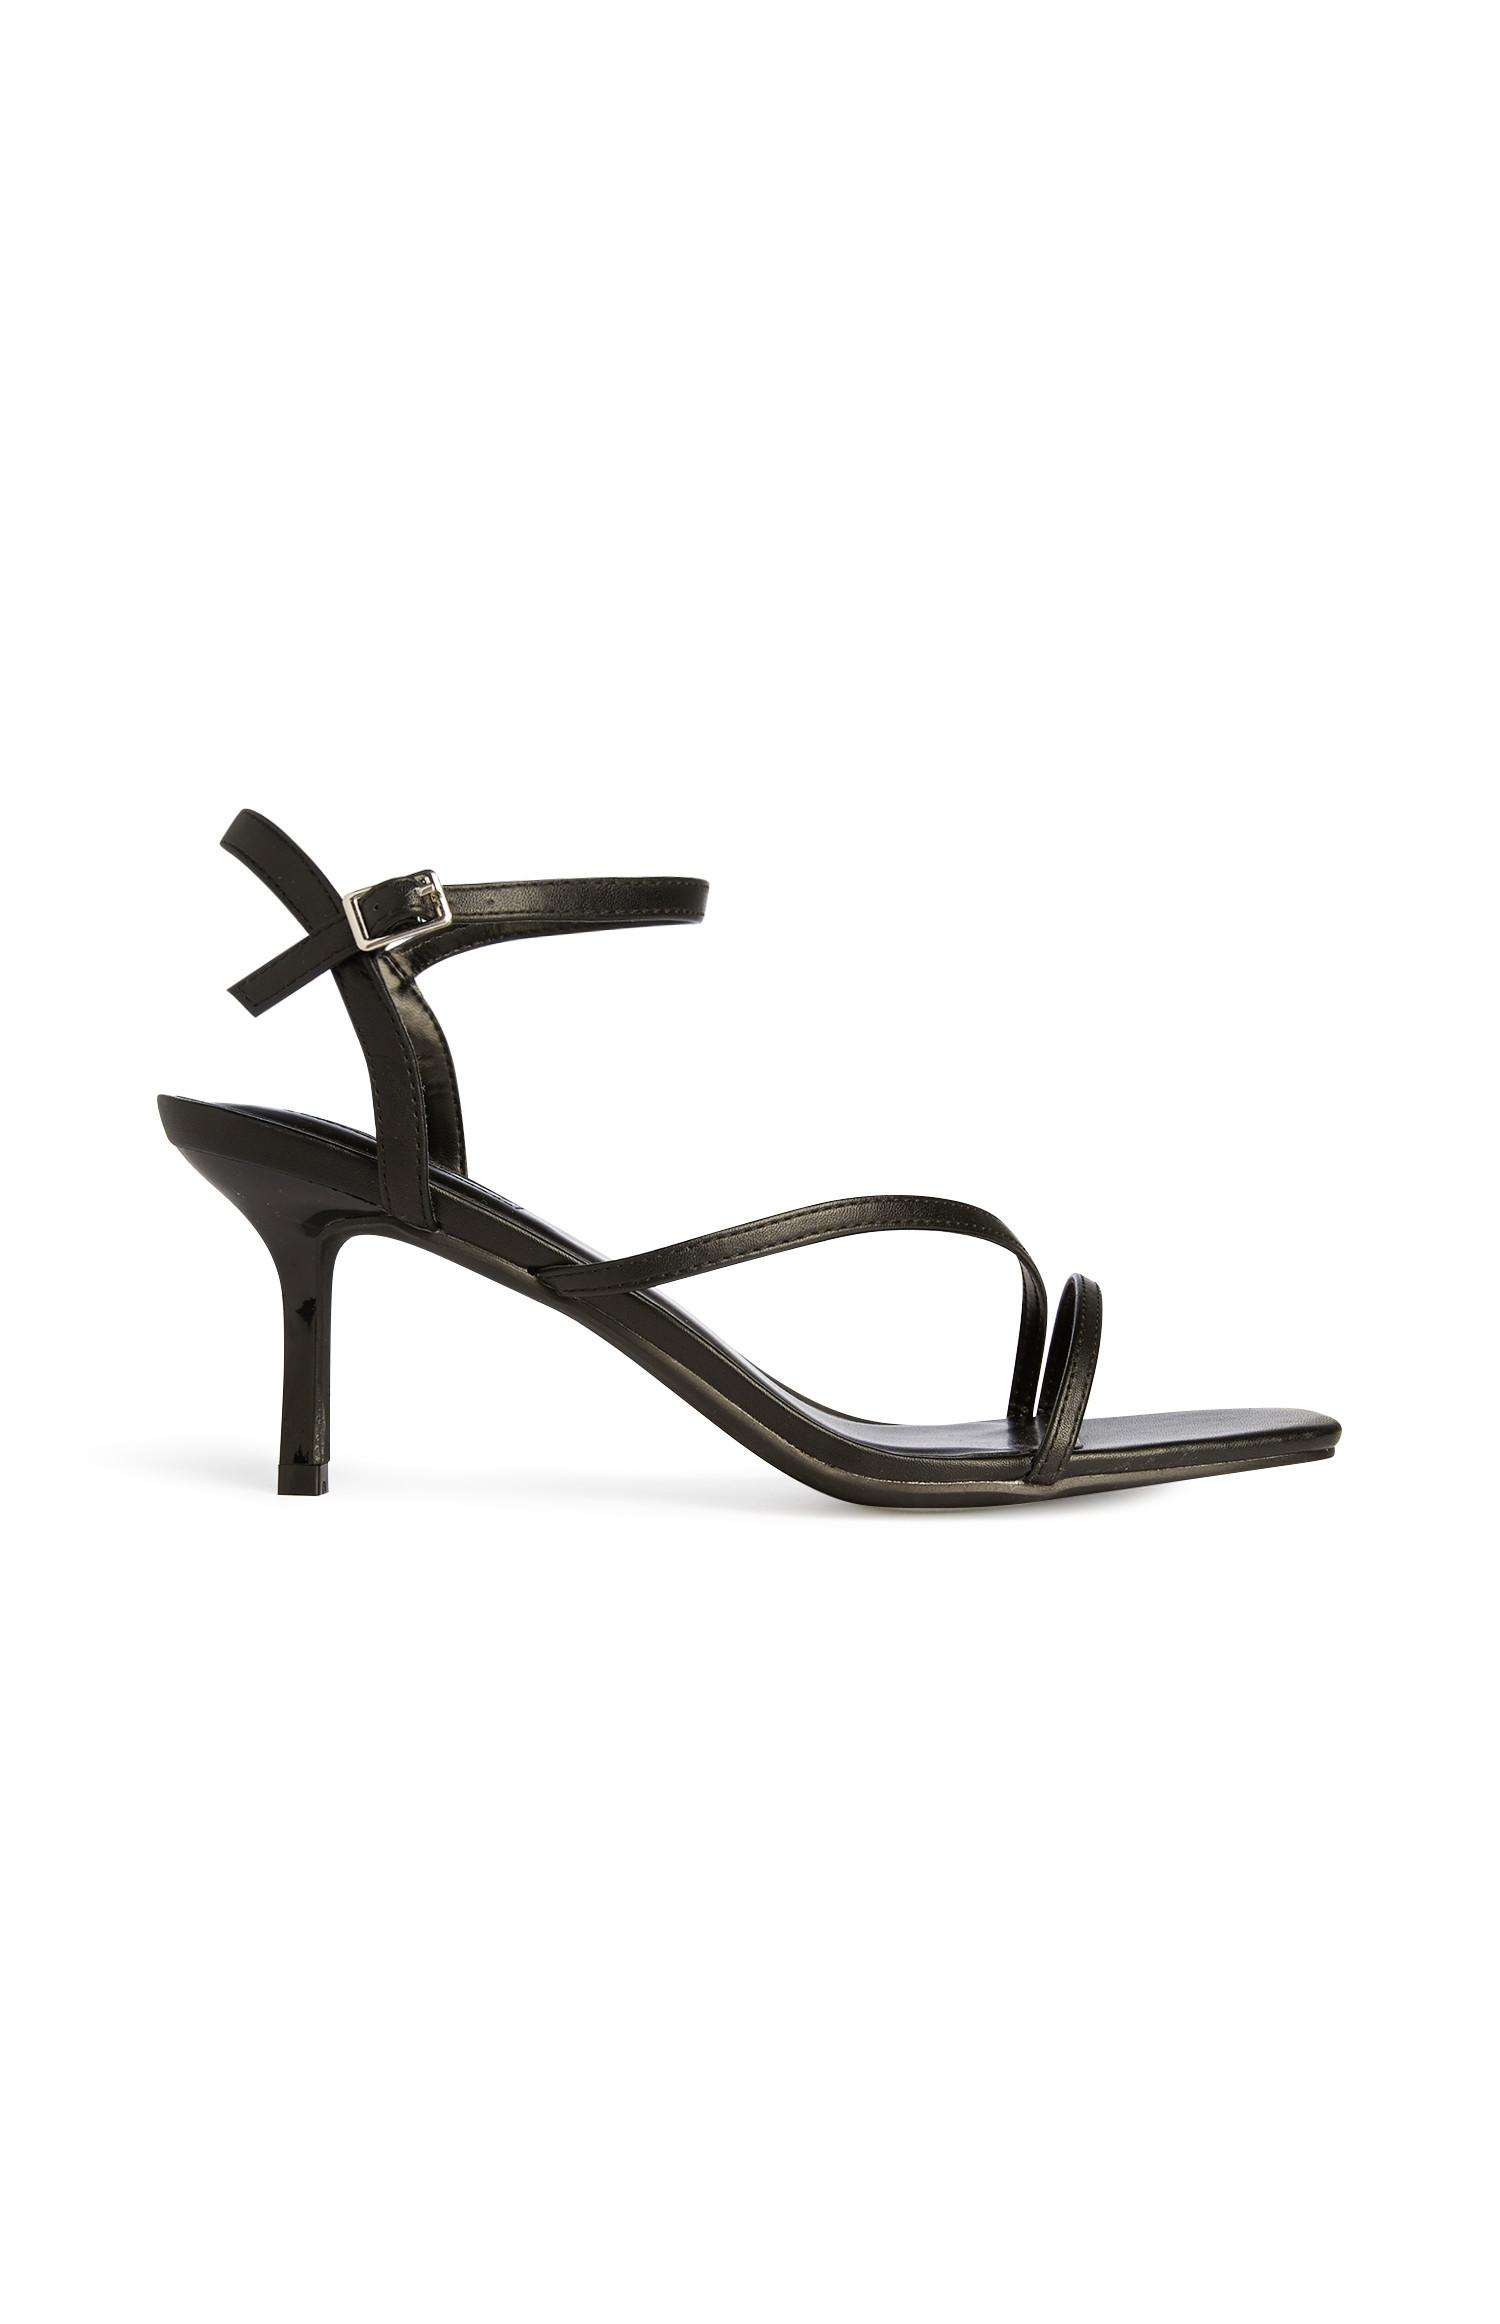 À Chaussures Xqdctsbhr Talonet Bottes Femme Mode Les pLzVMqSUG